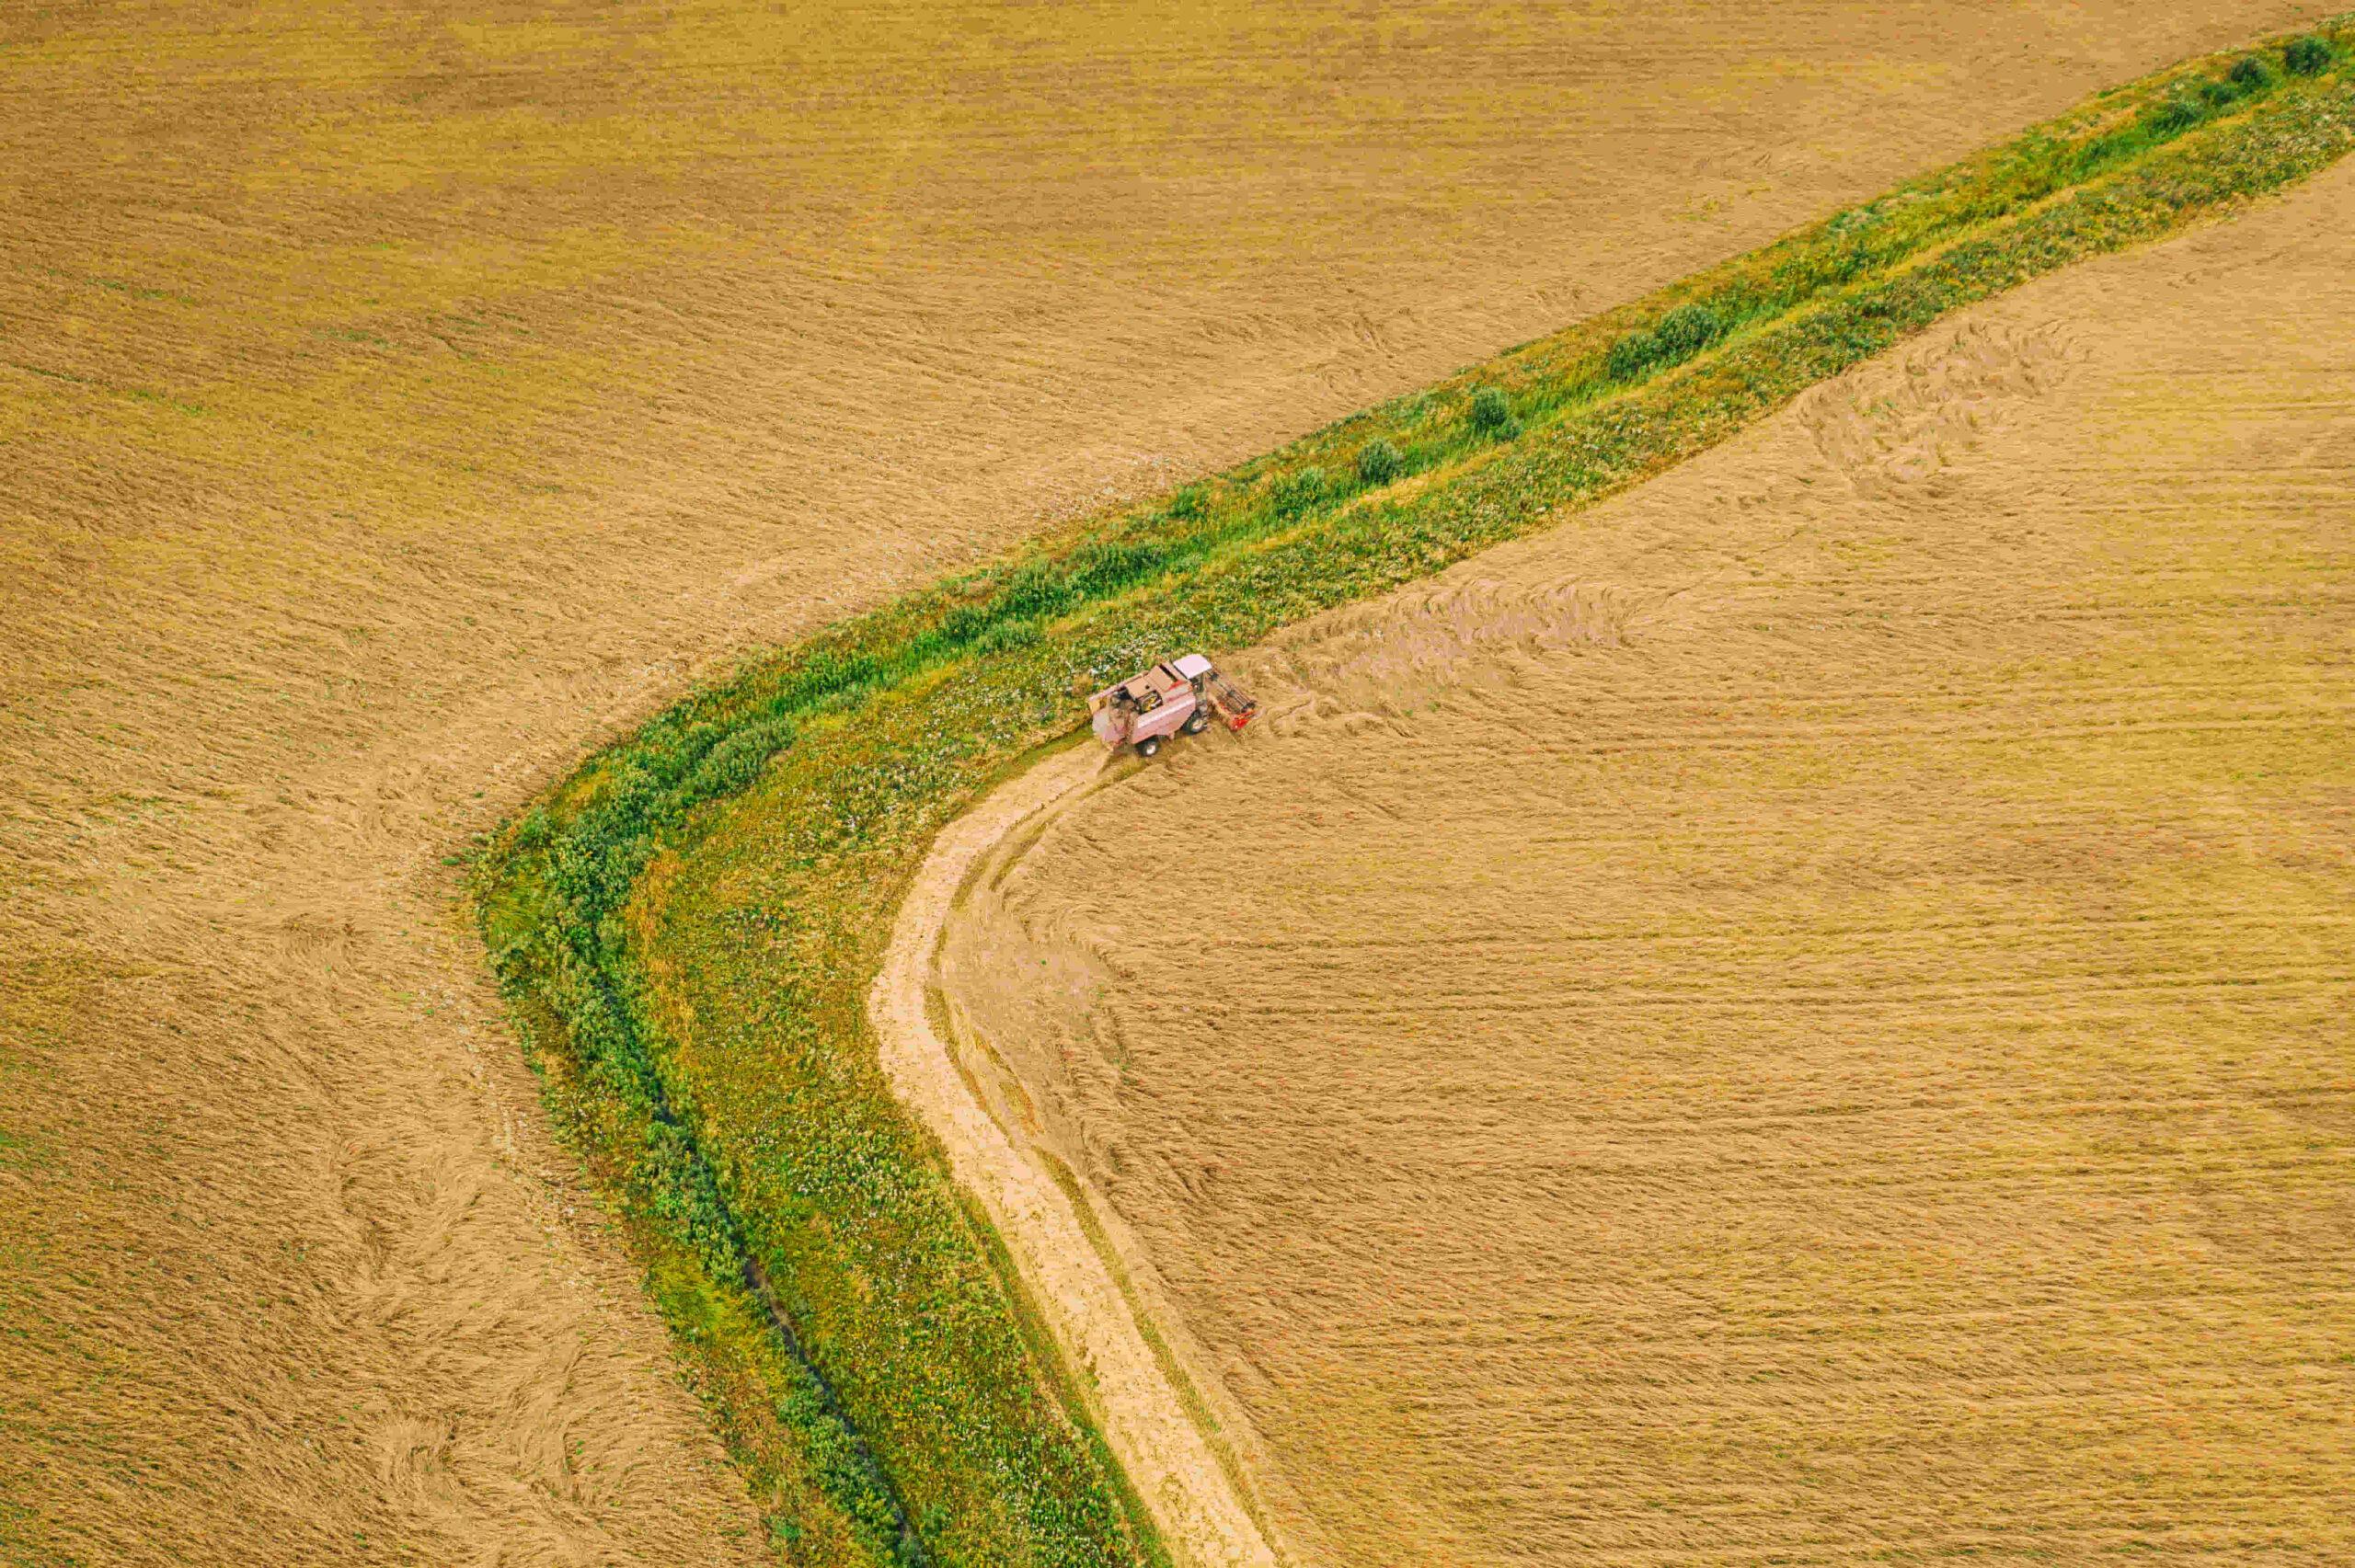 productor agrícola de argentina sembrando y cosechando teff en el campo de la pampa por primera vez